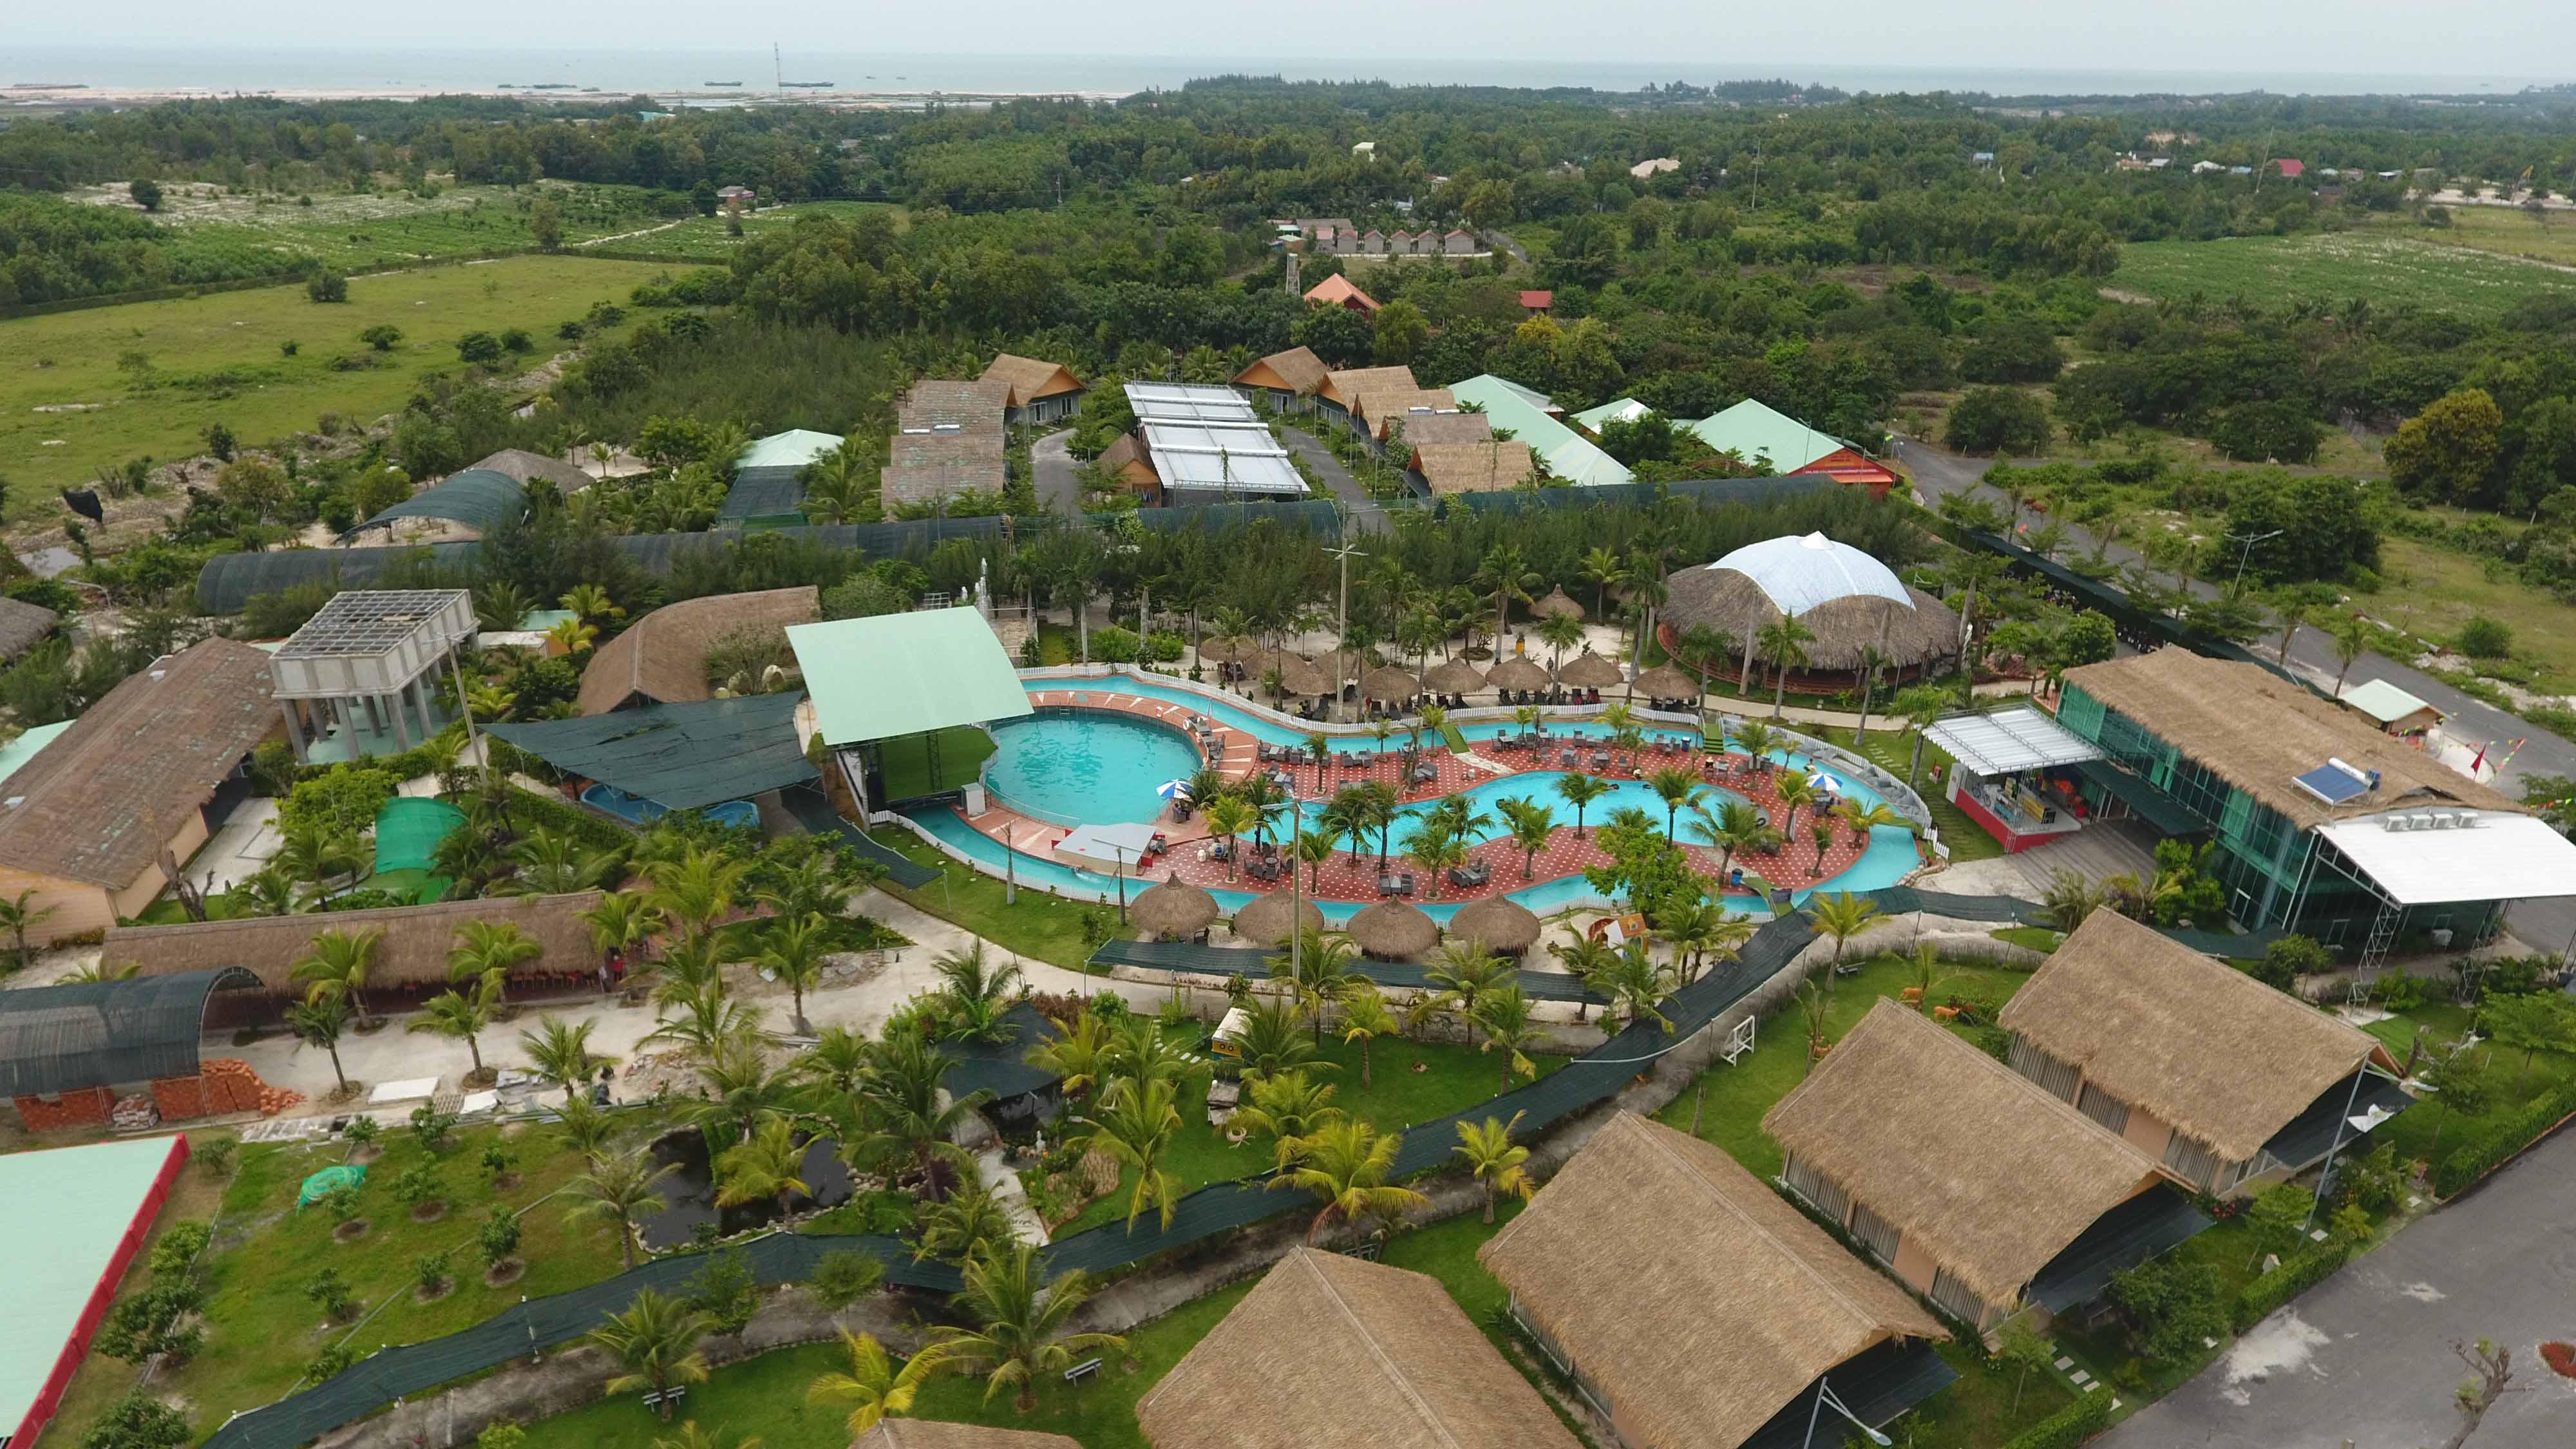 BIỆT THỰ ECO BANGKOK VILLAS BÌNH CHÂU: Tài sản nghỉ dưỡng tầm cỡ tại thủ phủ du lịch Hồ Tràm - Bình Châu  - Ảnh 4